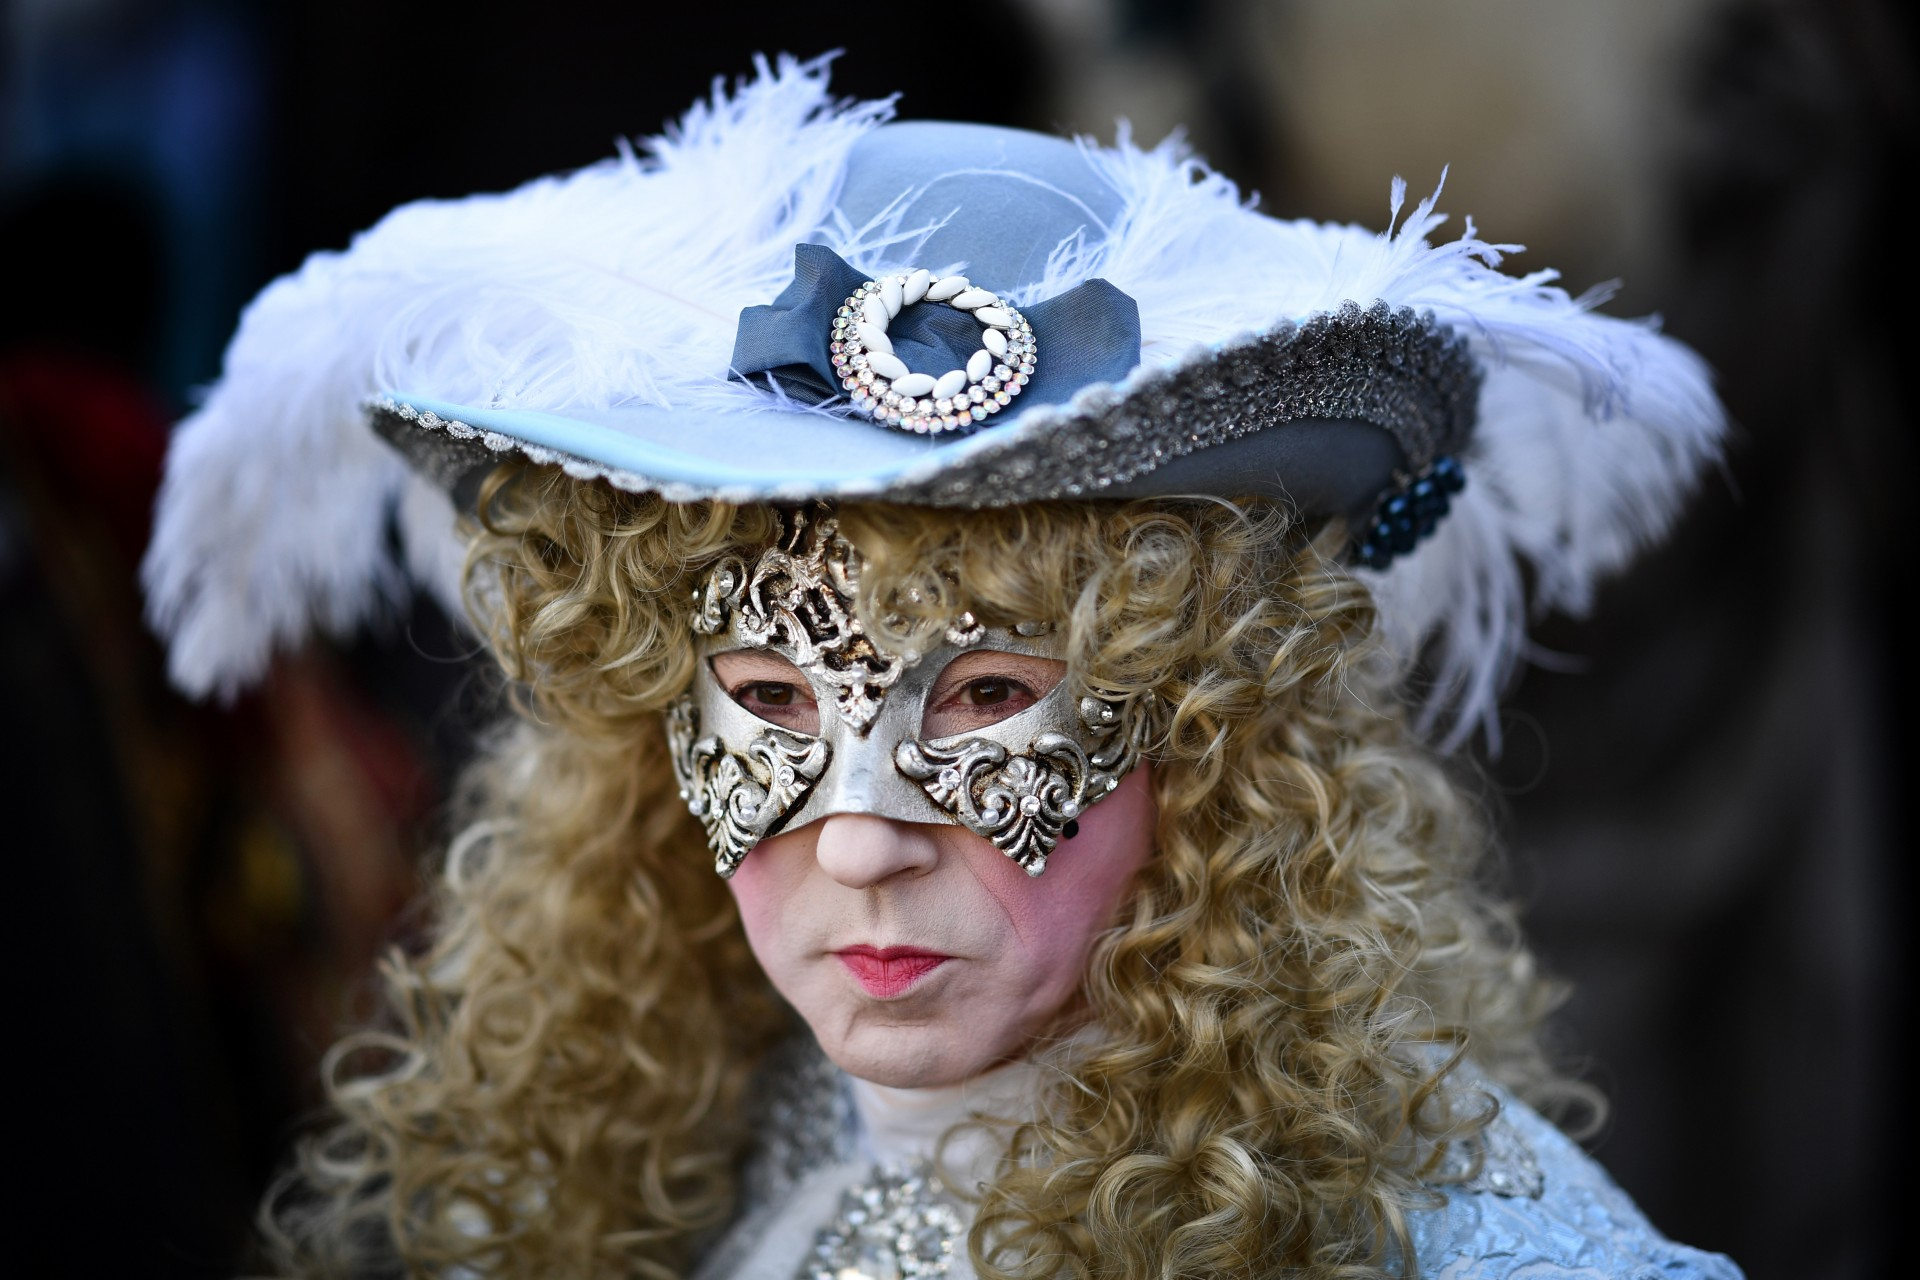 Un hombre contraje de época participa en el Carnaval de Venecia el 24 de febrero de 2019 en Venecia.